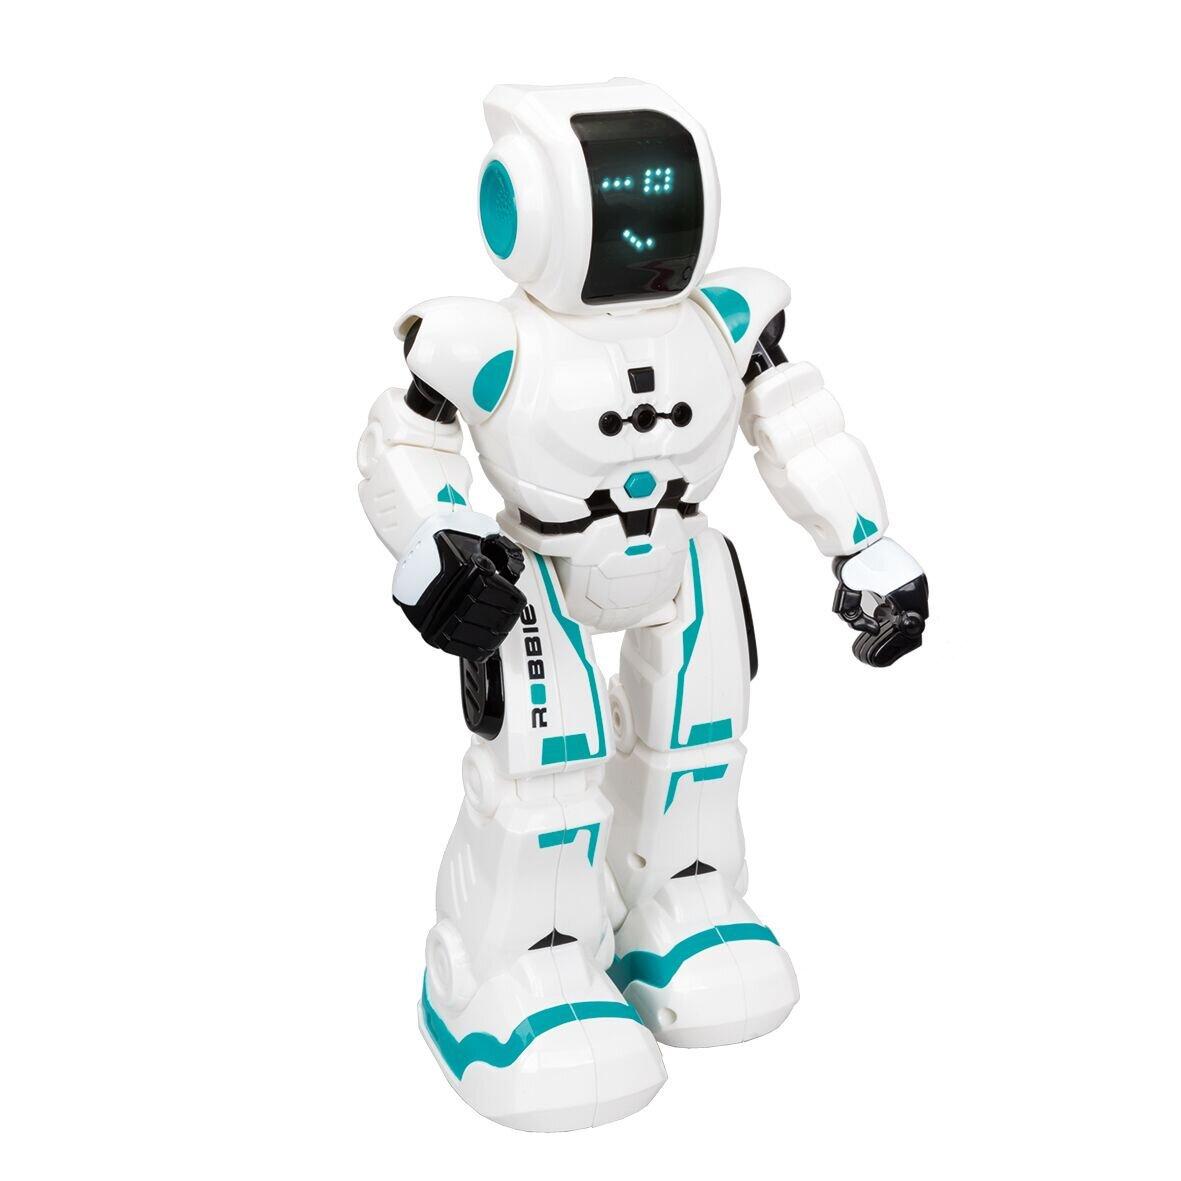 individualizuotas prekybos robotas uždarbis be kvietimų internete